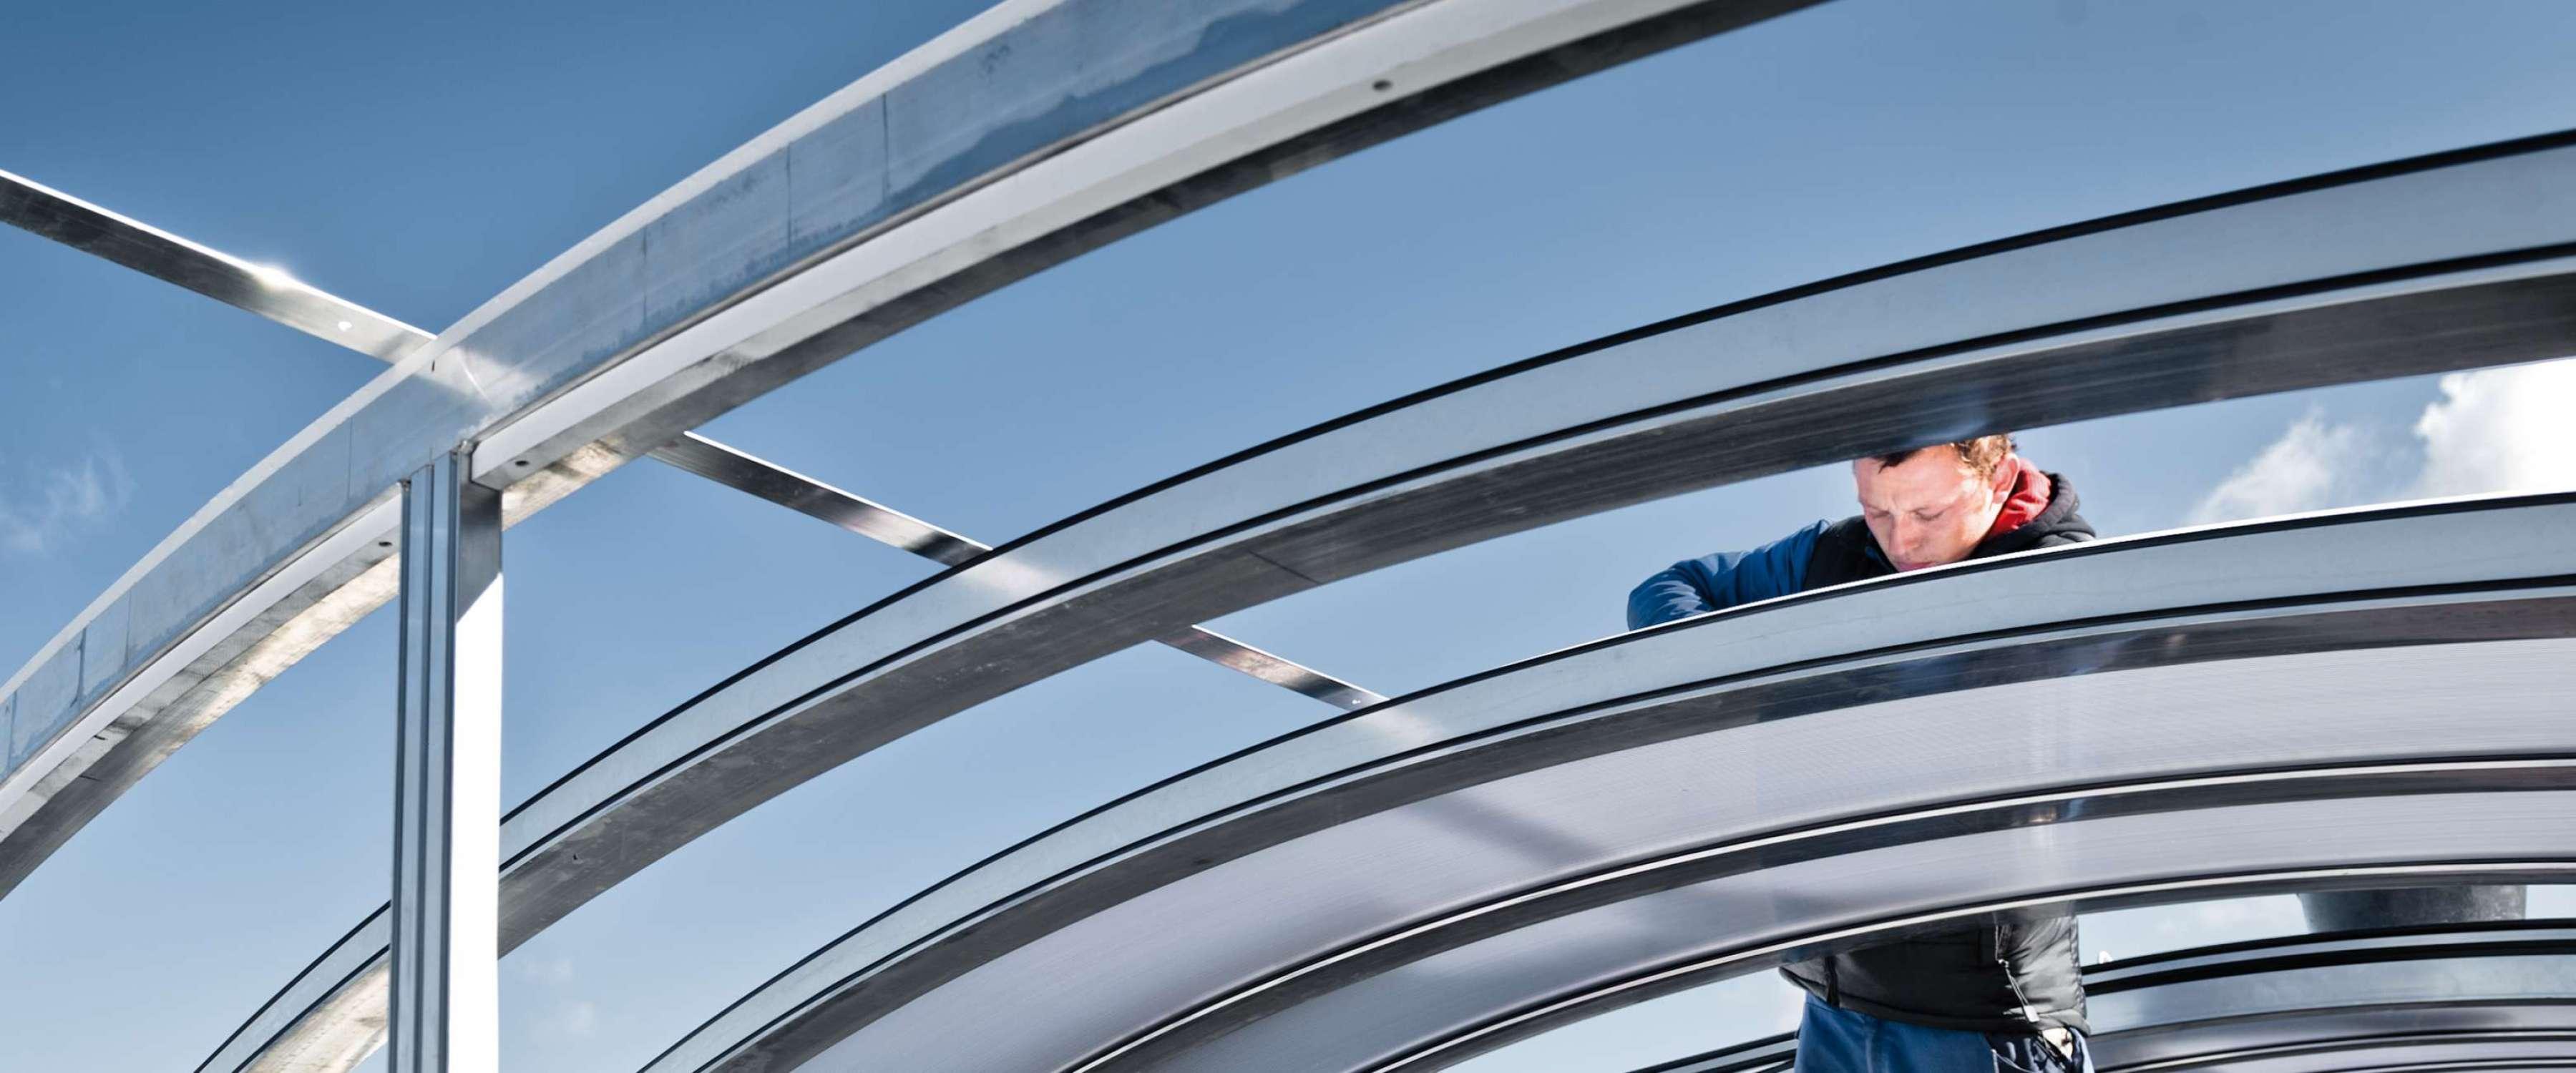 Ablach salonu/Spor salonu | Mengen • 1,50 ve 6,00 metre arası herhangi bir uzunluktaki standart yapı genişlikleri esnek kullanım olanakları sunar.